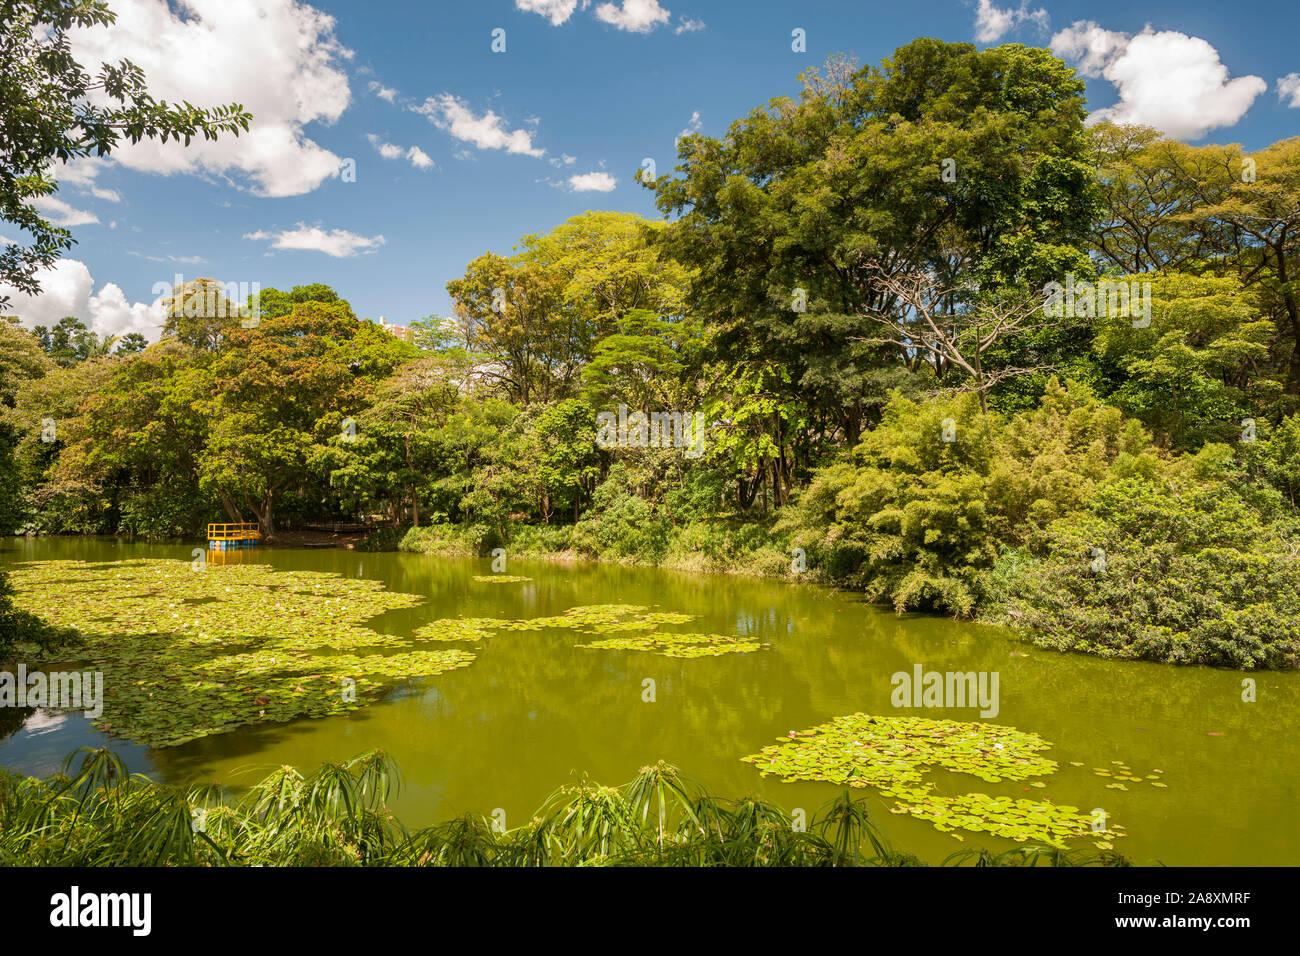 El jardín botánico de Medellín, Colombia. Foto de stock